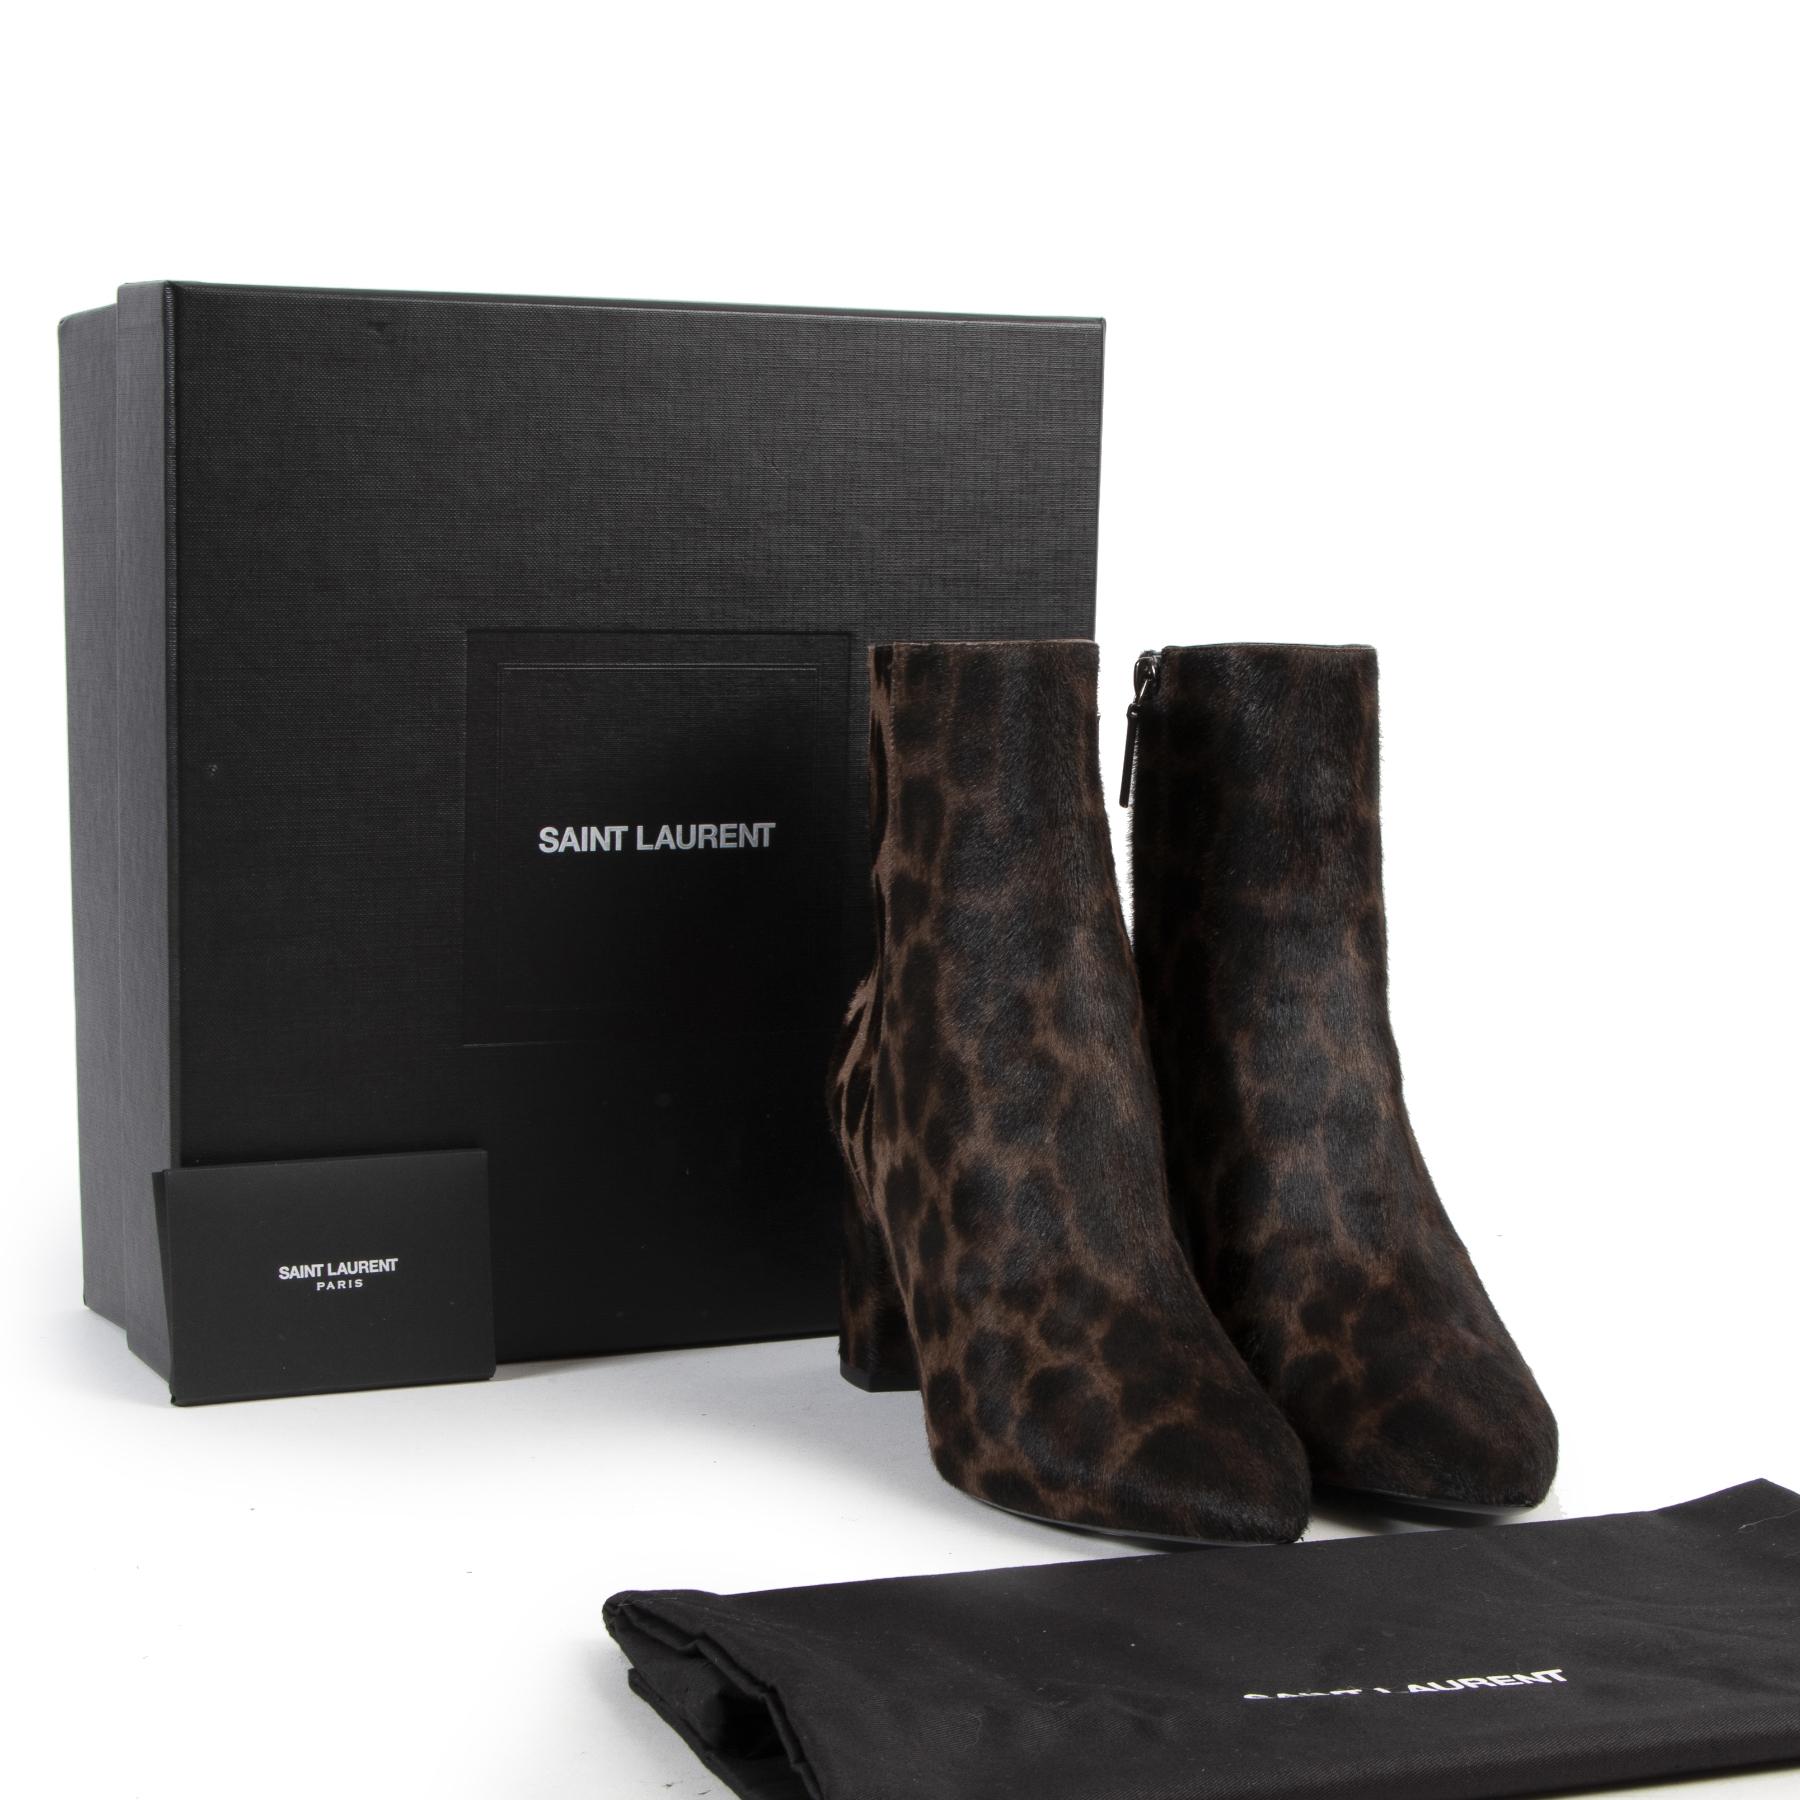 Online tweedehands designer Saint Laurent laarsjes. Betaal veilig en online bij LabelLOV Antwerpen.